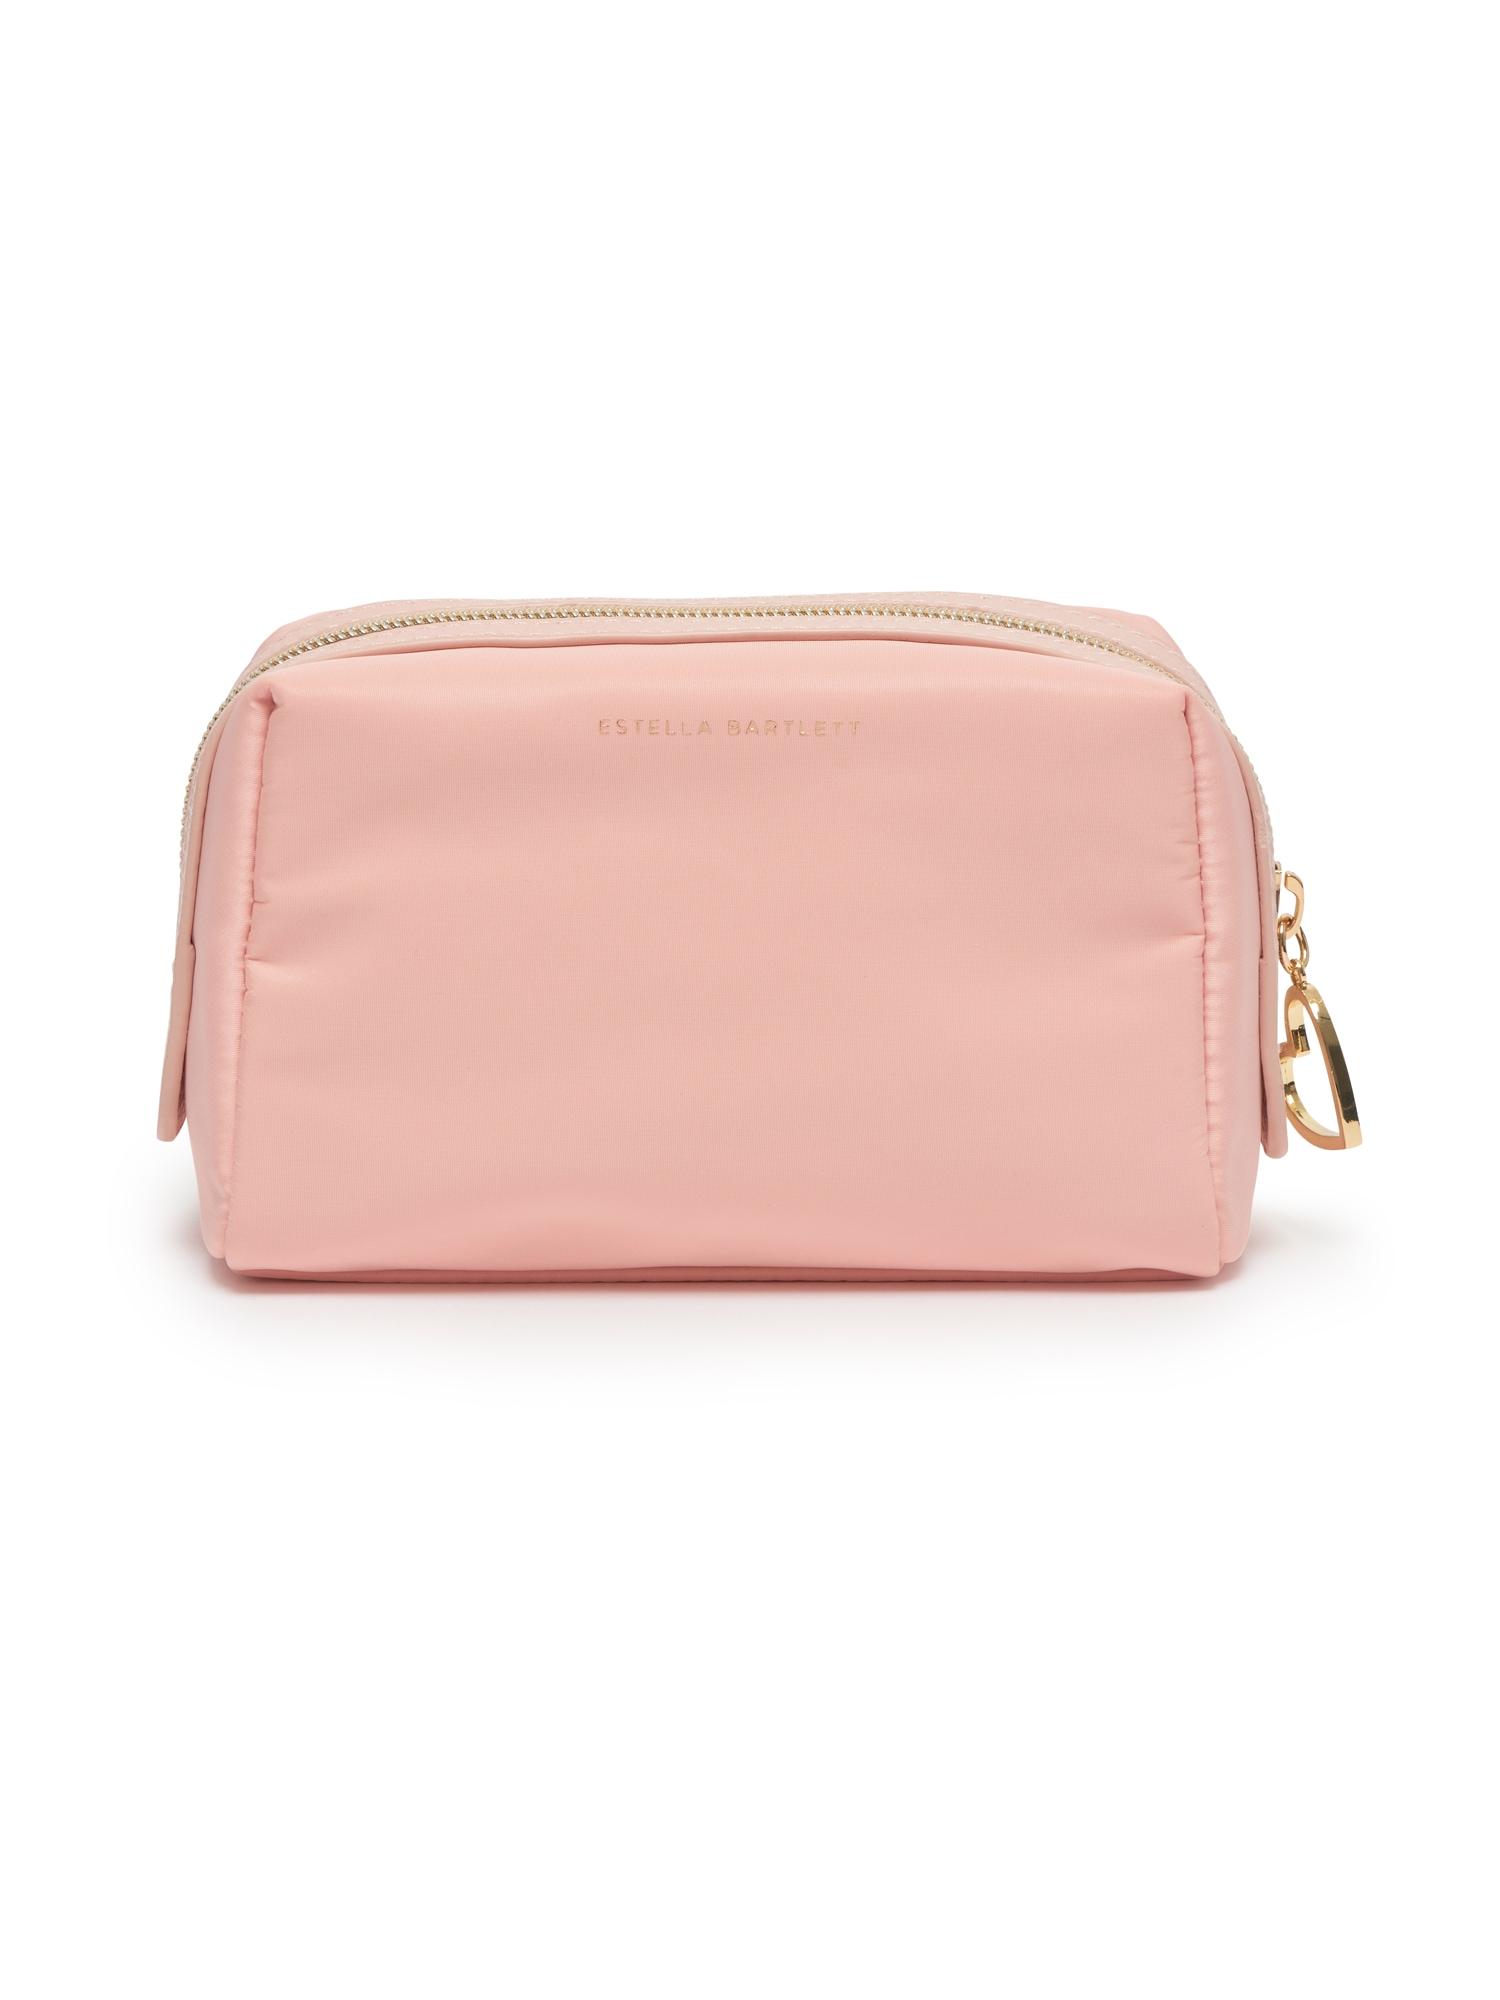 Estella Bartlett Kosmetinė rožinė / ryškiai rožinė spalva